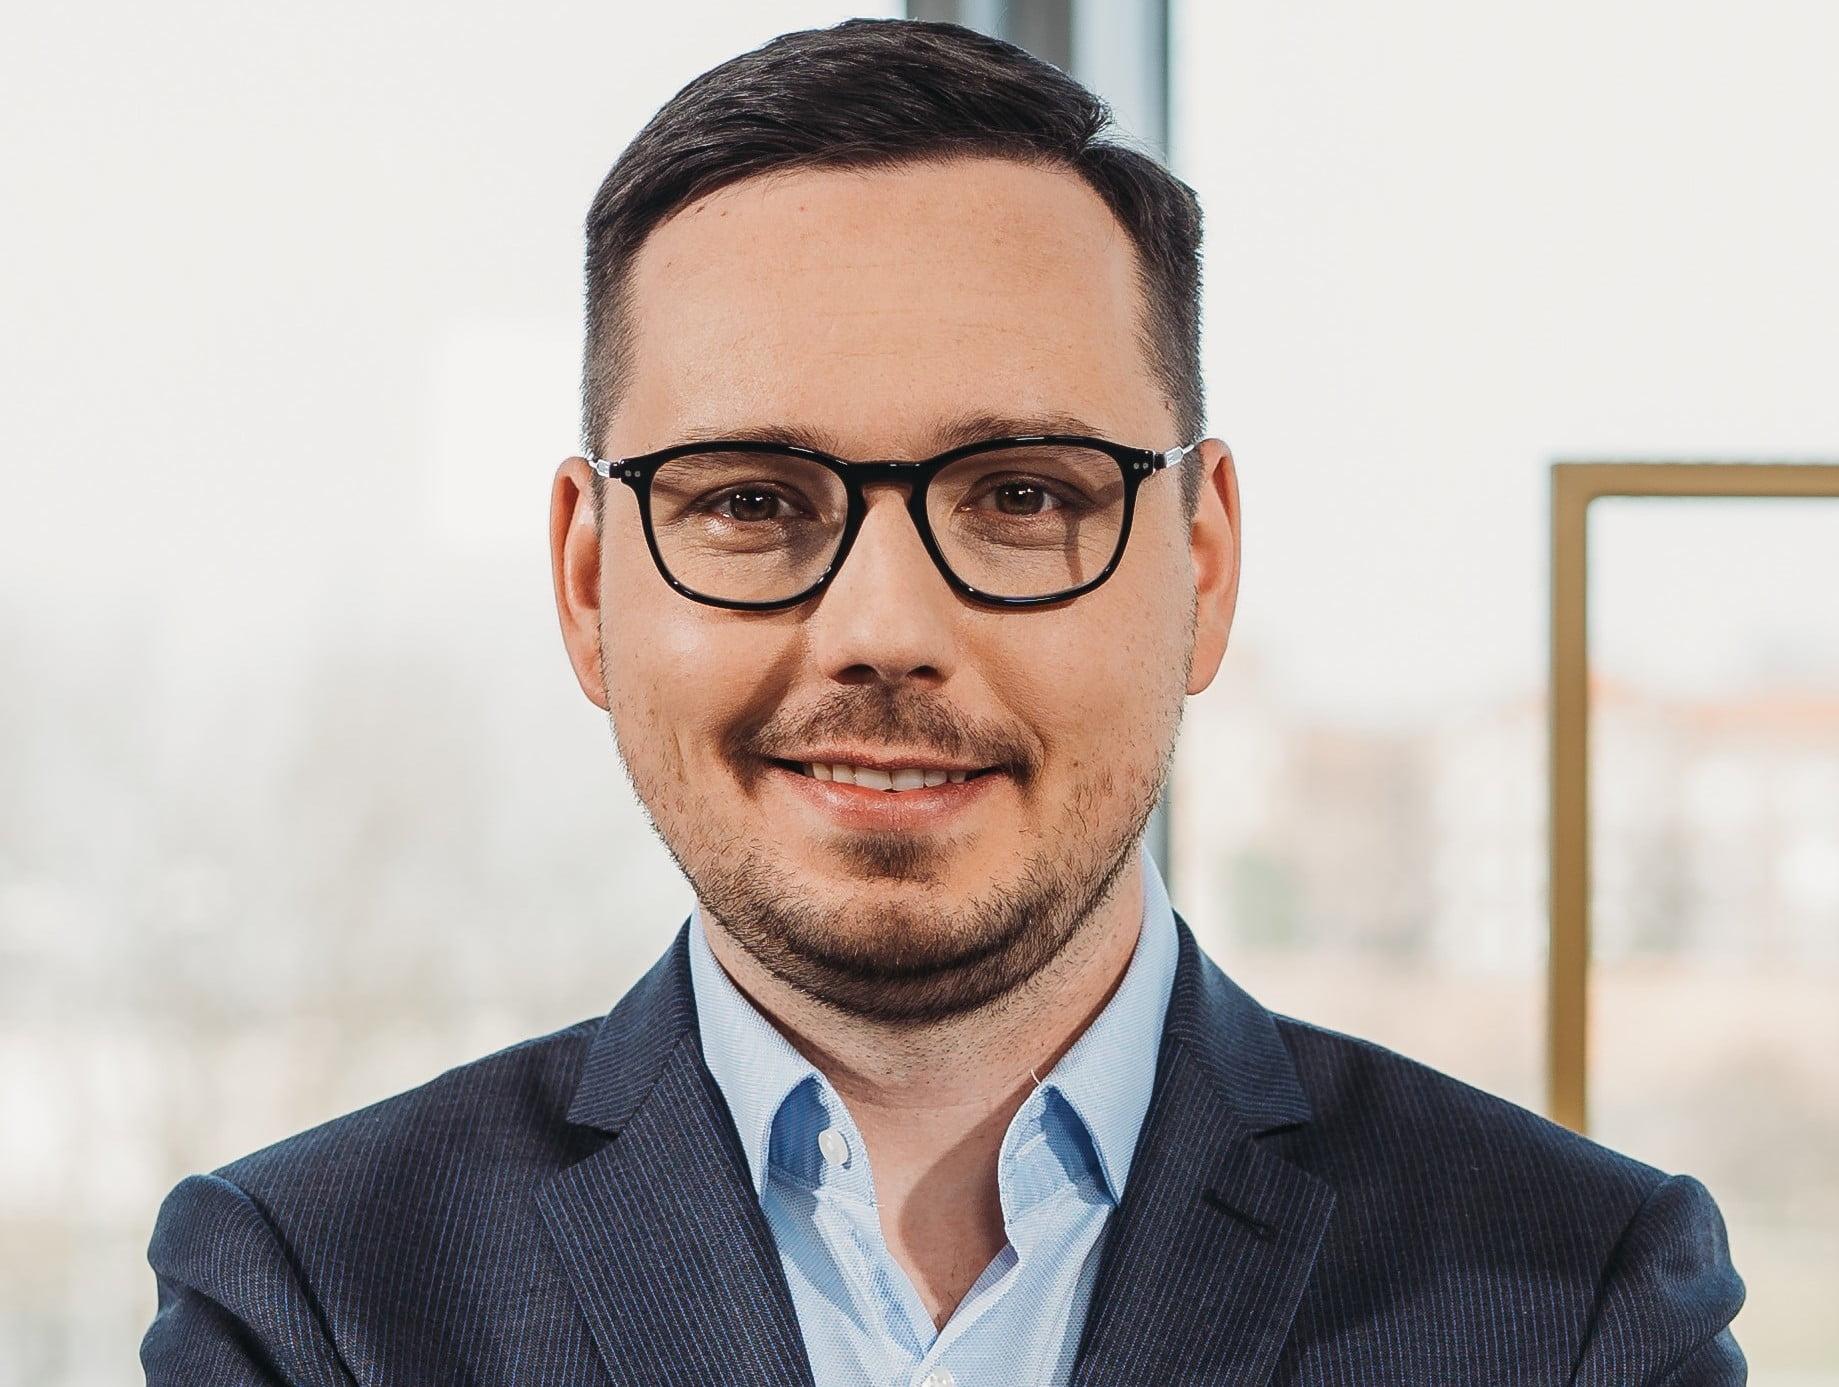 Wojciech Życzyński - Citrix